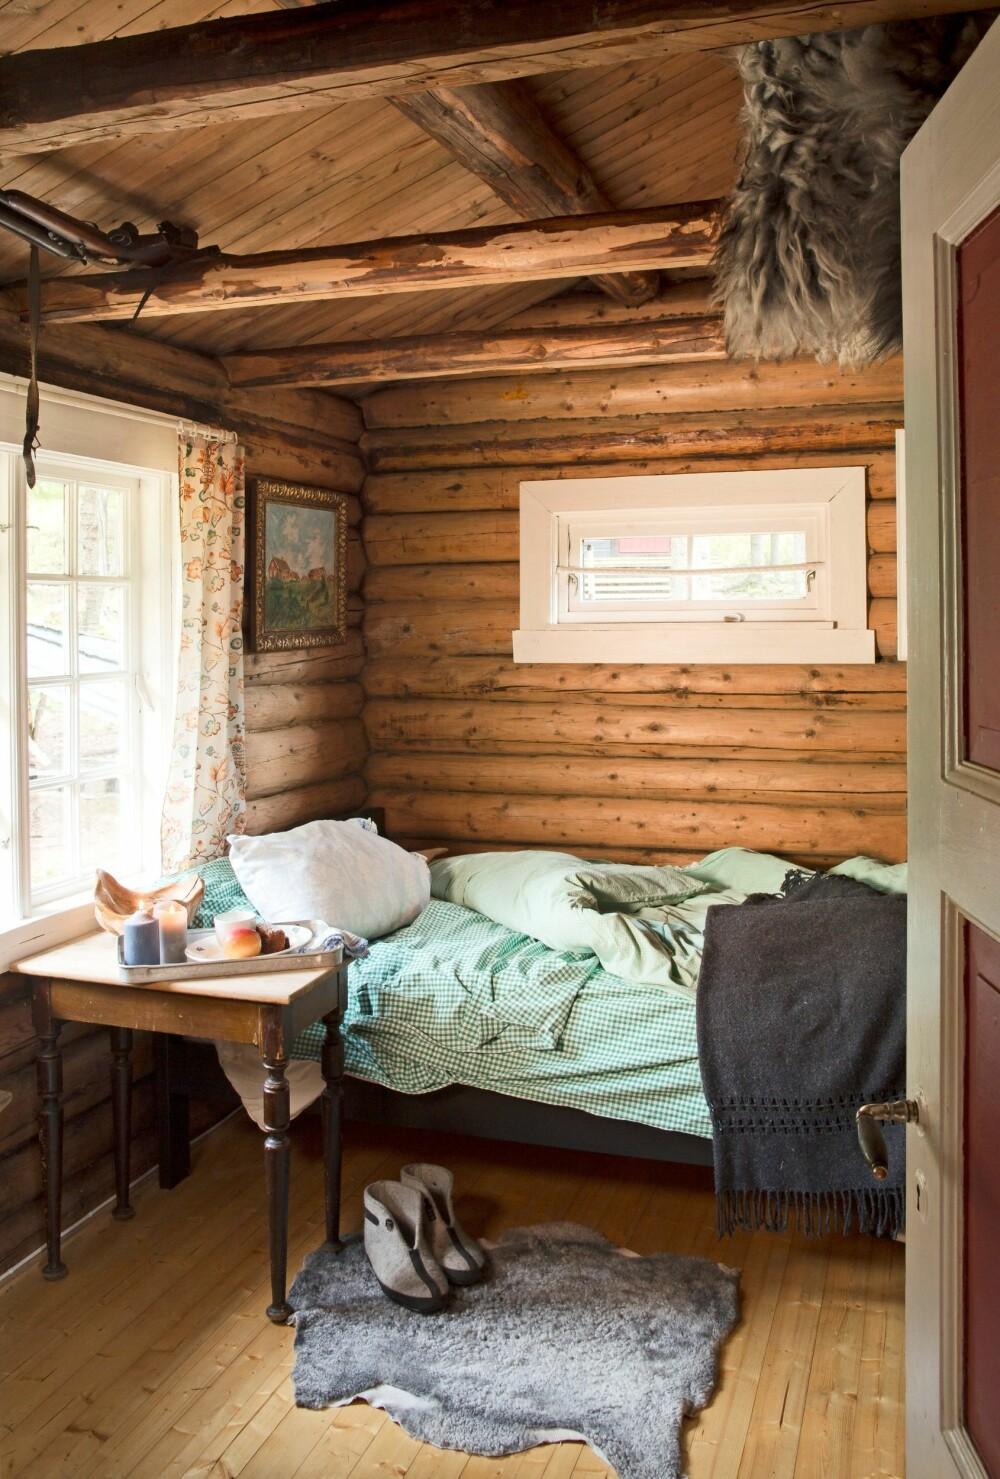 SOVEROMMET: Selv om det sjelden blir overnattet her, er det ingenting  i veien for å få en god natts søvn. Før svalgangen ble kjøkken,  var det her maten ble laget på en gammel vedkomfyr, også da med en seng i hjørnet.